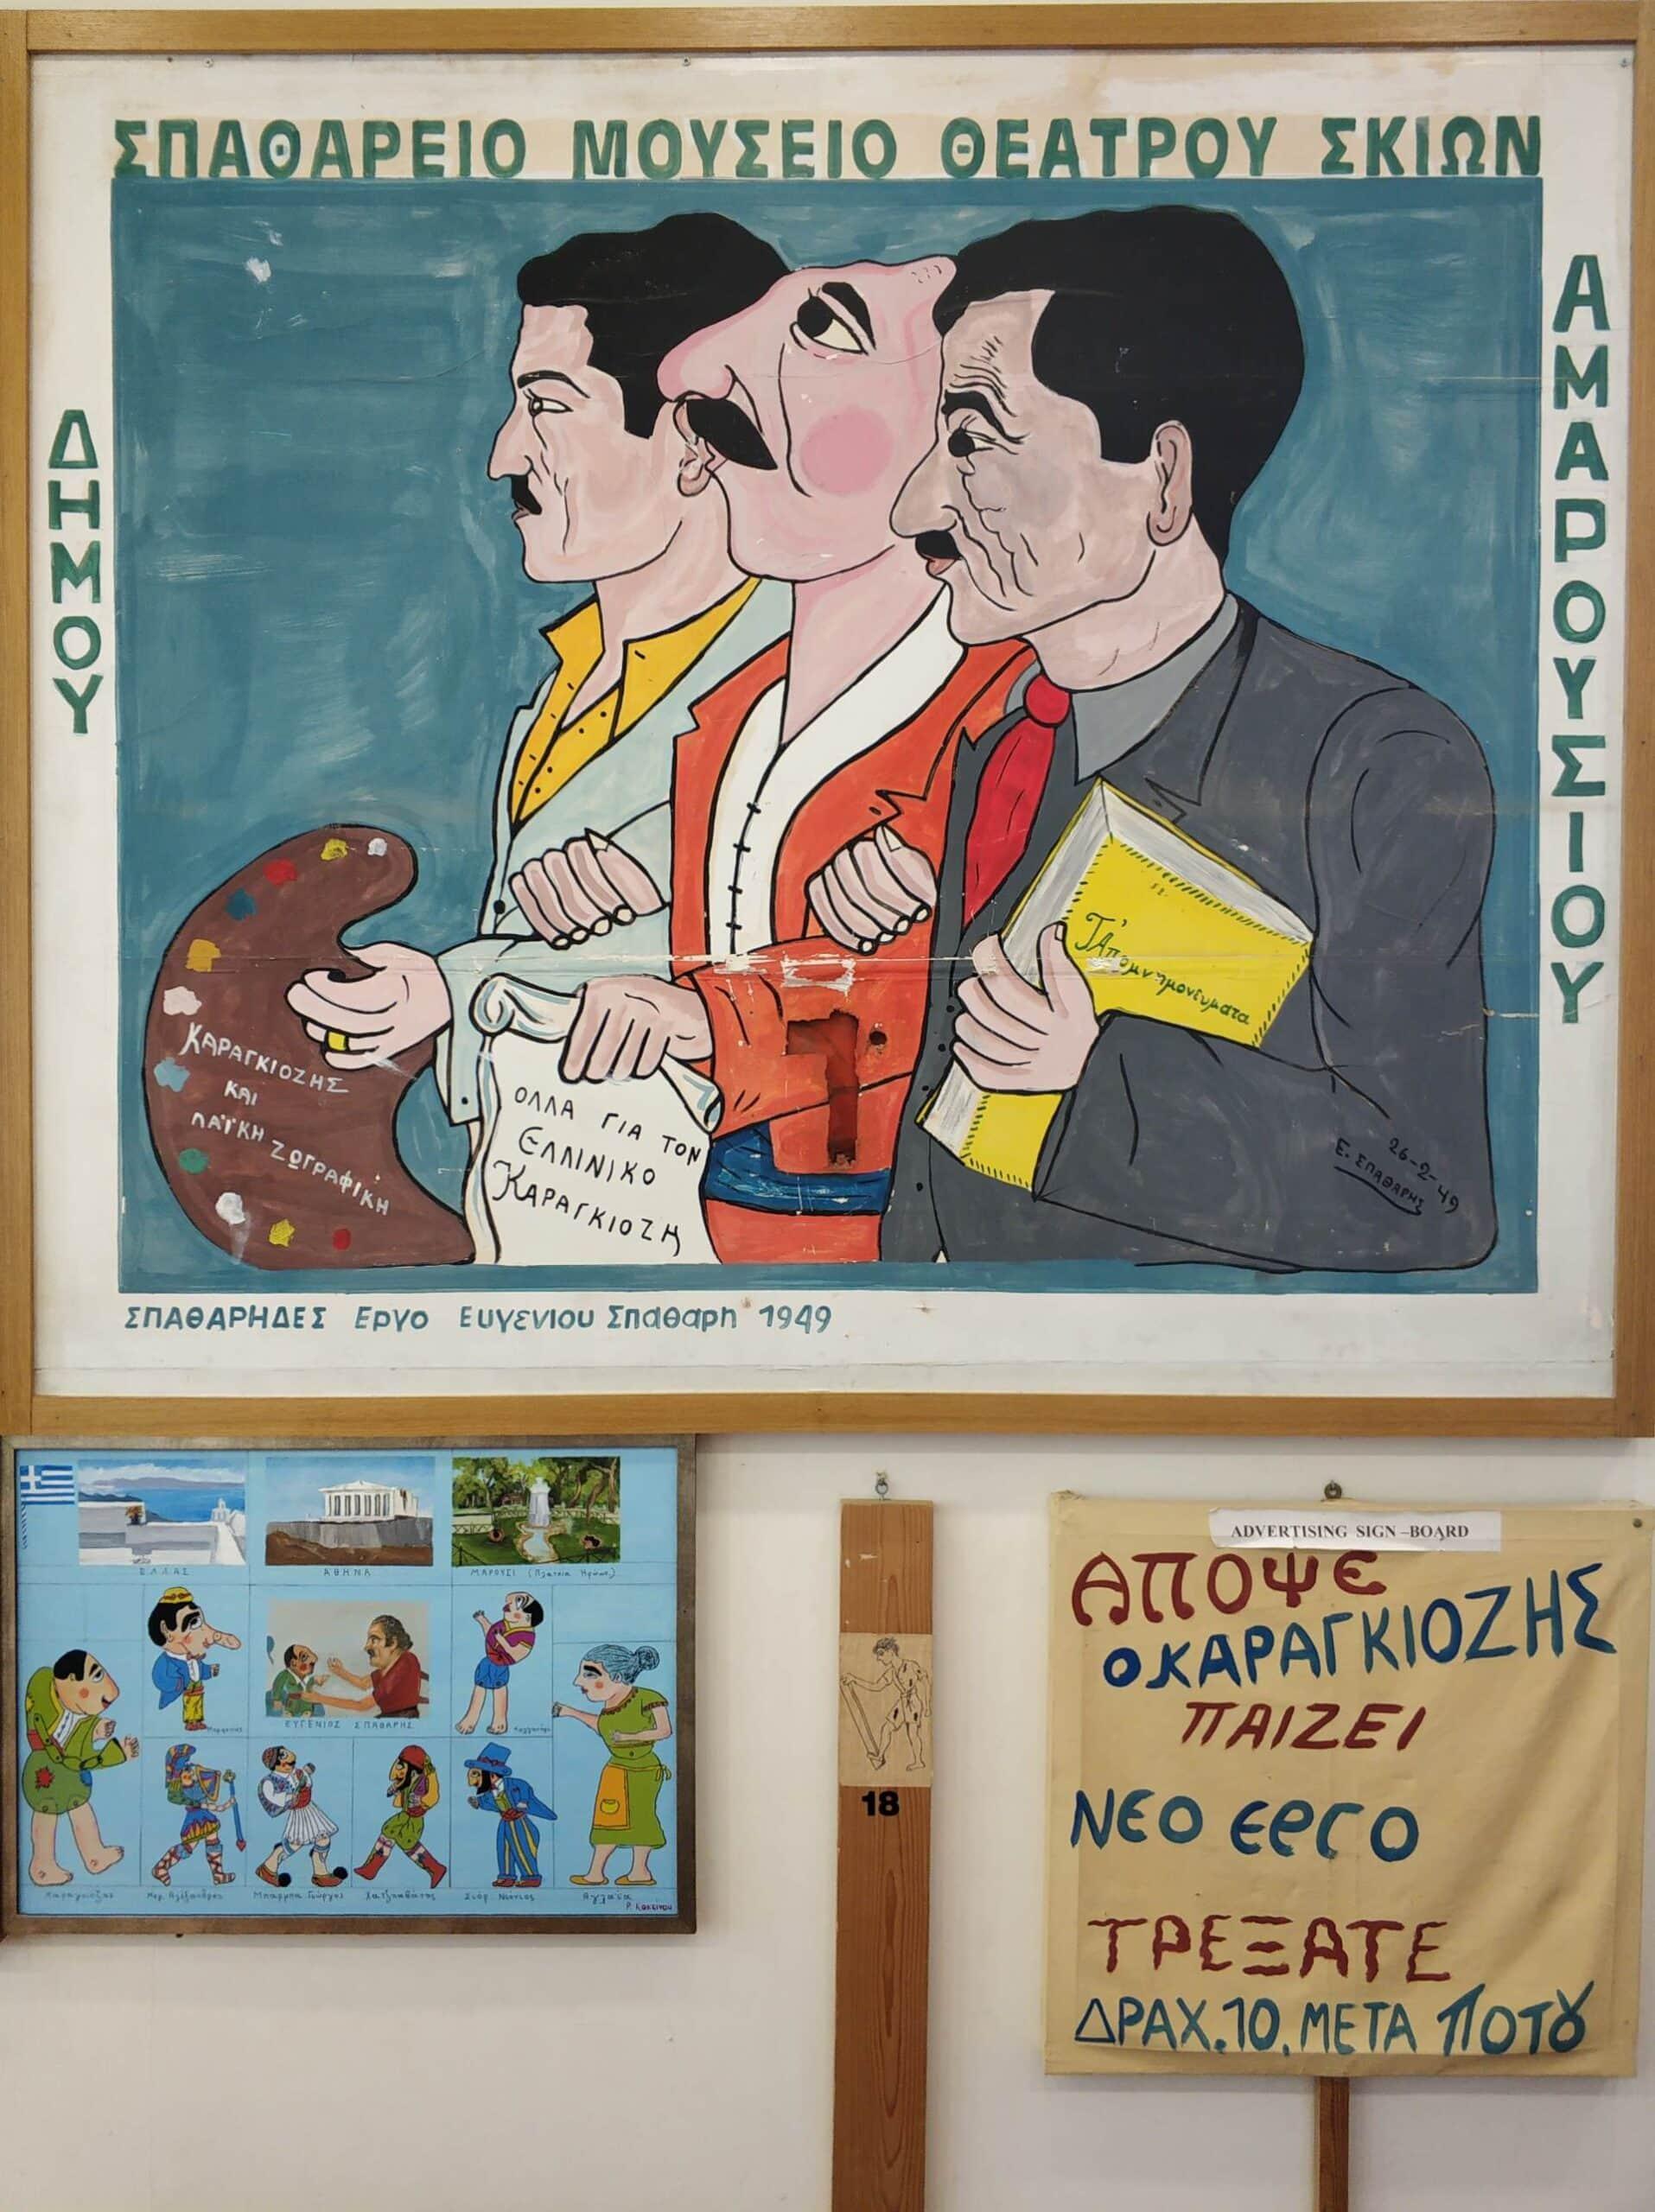 Καραγκιόζης Μένια Σπαθάρη Μουσείο Καραγκιόζη